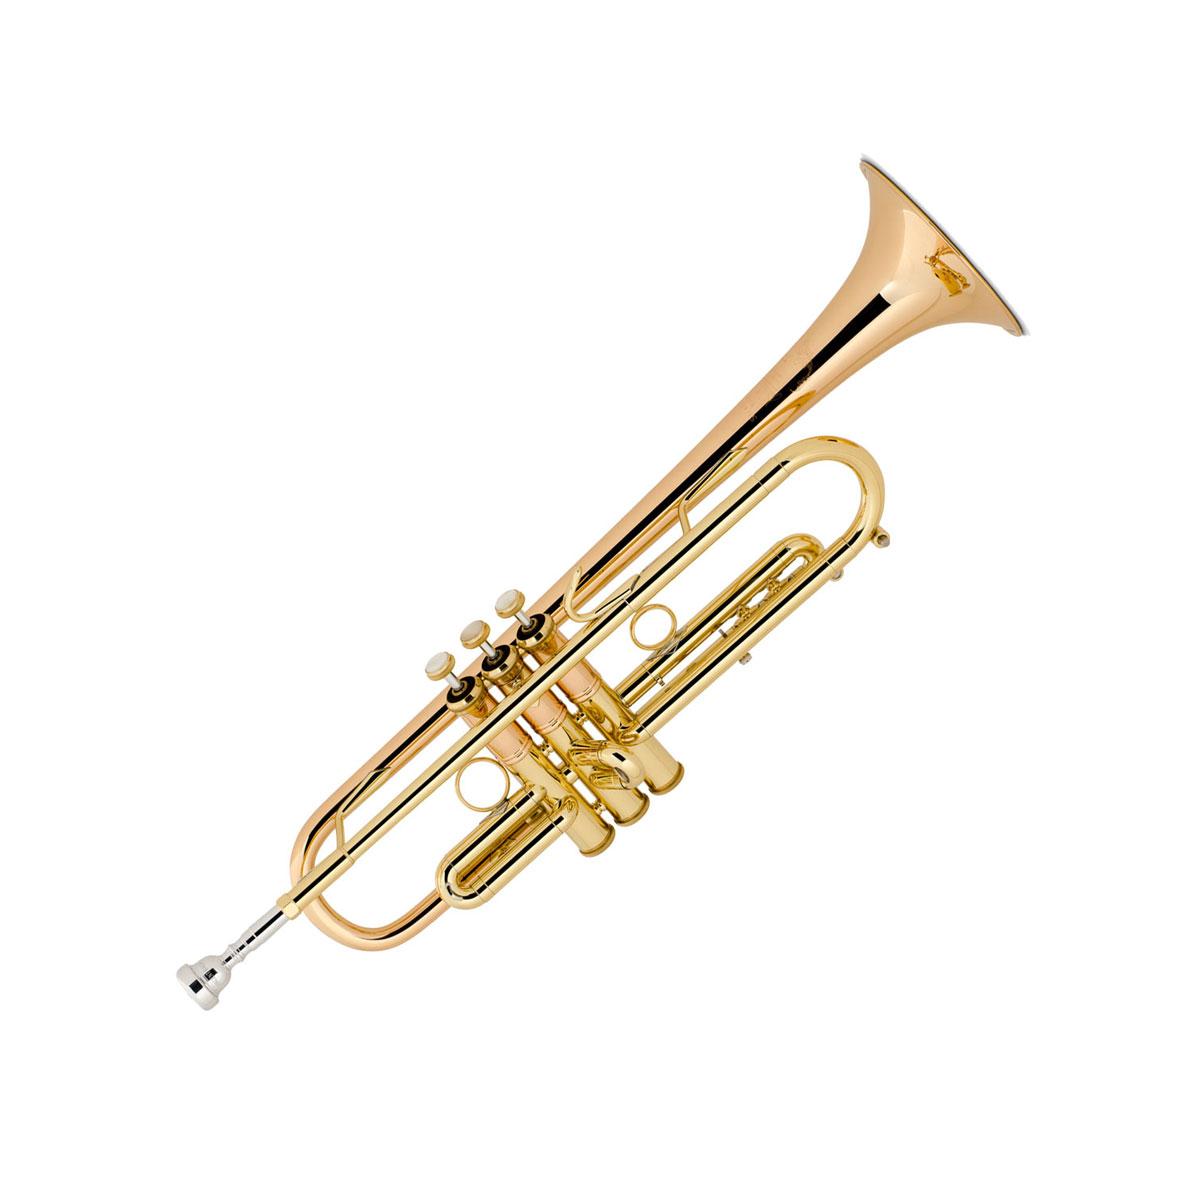 Bach / COMMERCIAL バック LT1901B CL コマーシャル ラッカー仕上げ B♭トランペット【お取り寄せ】【5年保証】